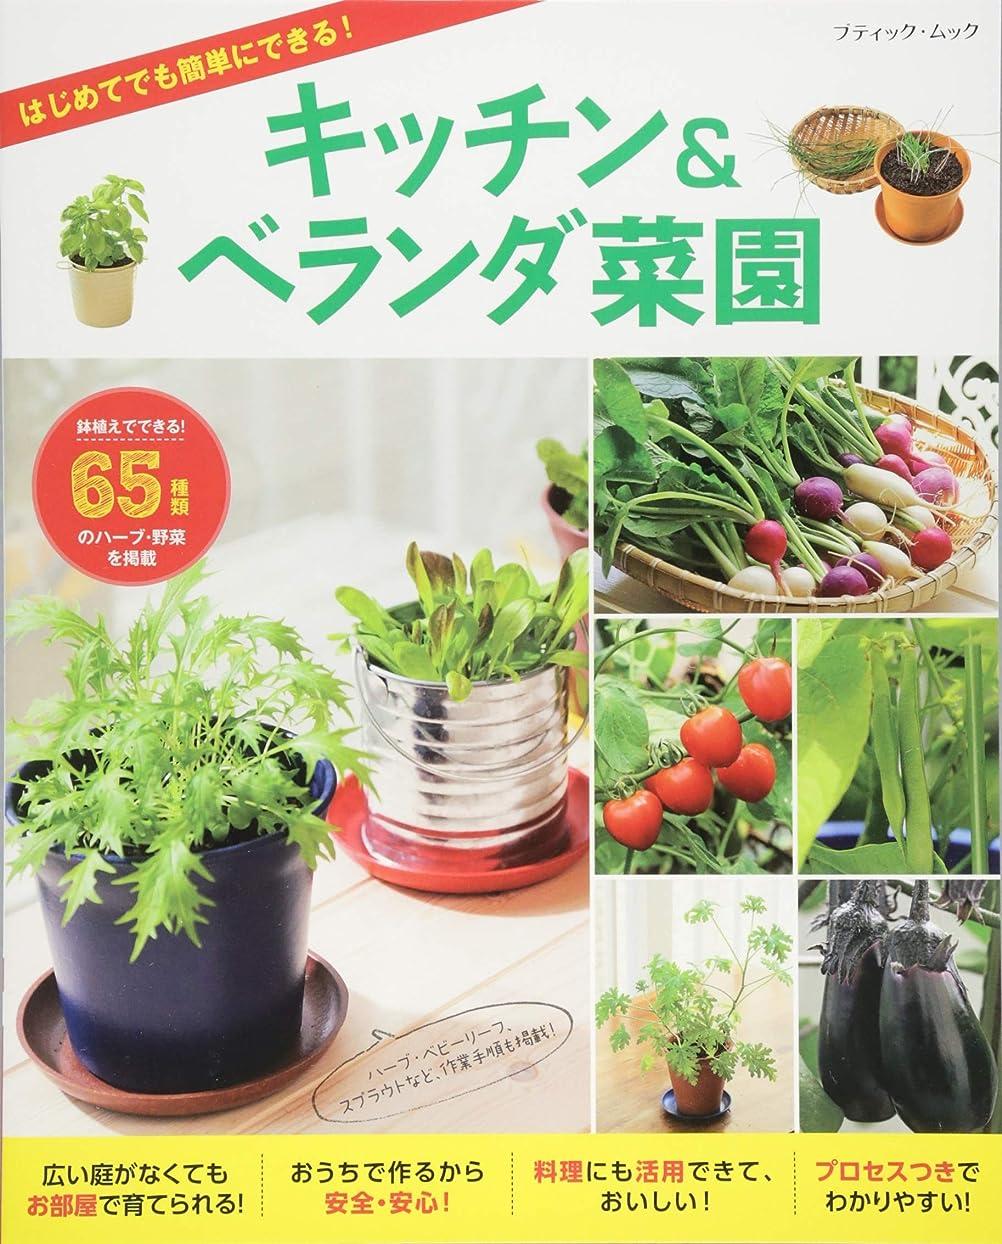 コースオーチャードマインドフルSENCE UP LIFEシリーズ 雑貨と一緒に楽しむ多肉植物アレンジ BOOK (SENSE UP LIFEシリーズ)